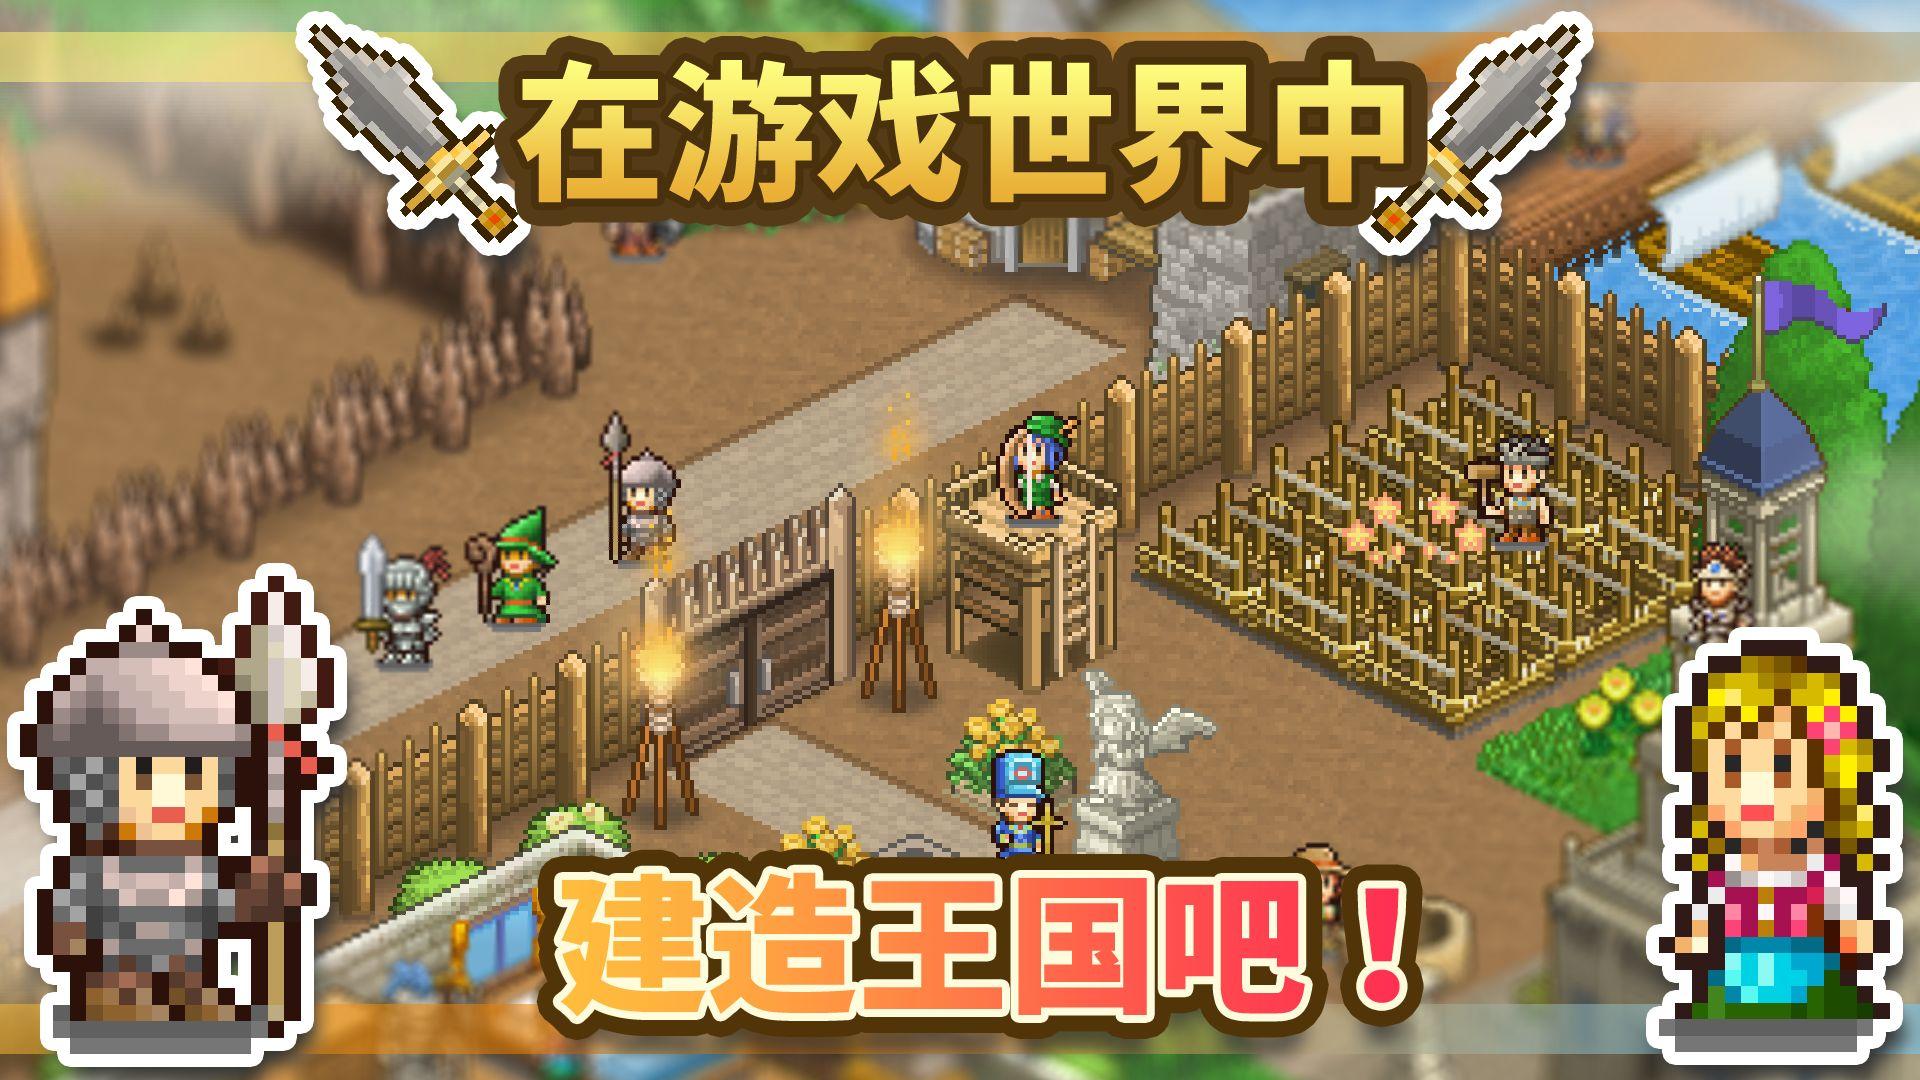 王都创世物语(国际服) 游戏截图1